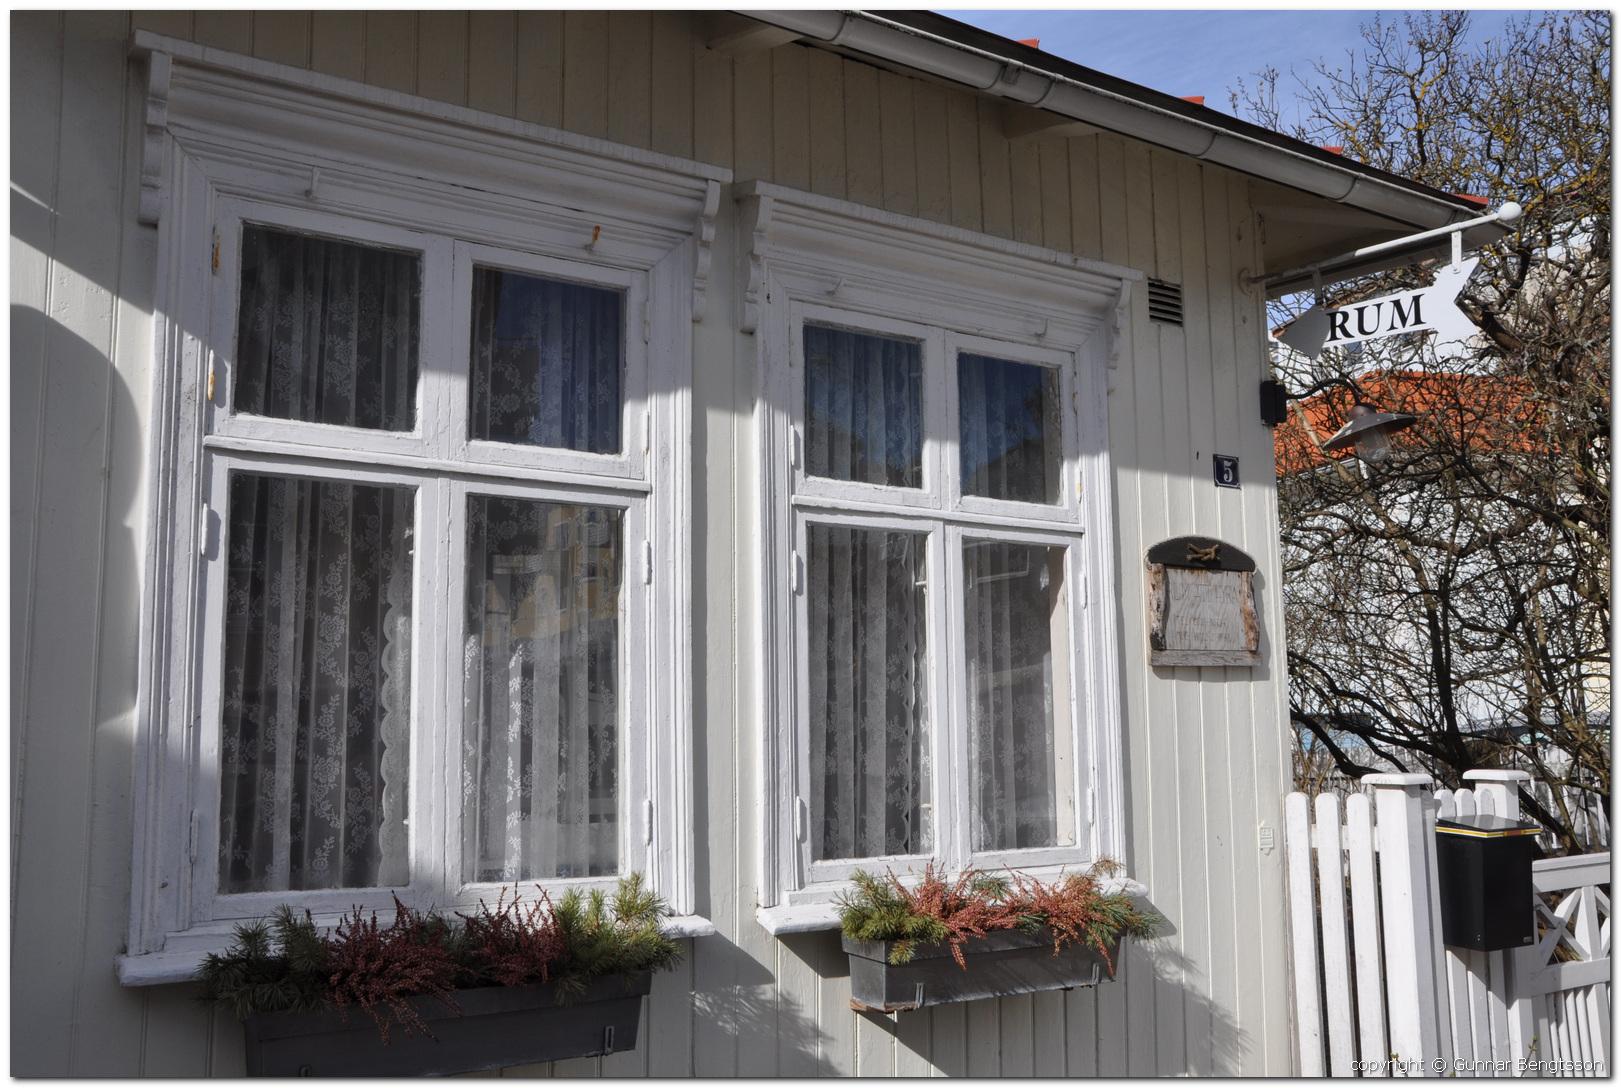 bohuslan_norge_2012-04-01_dsc_3358